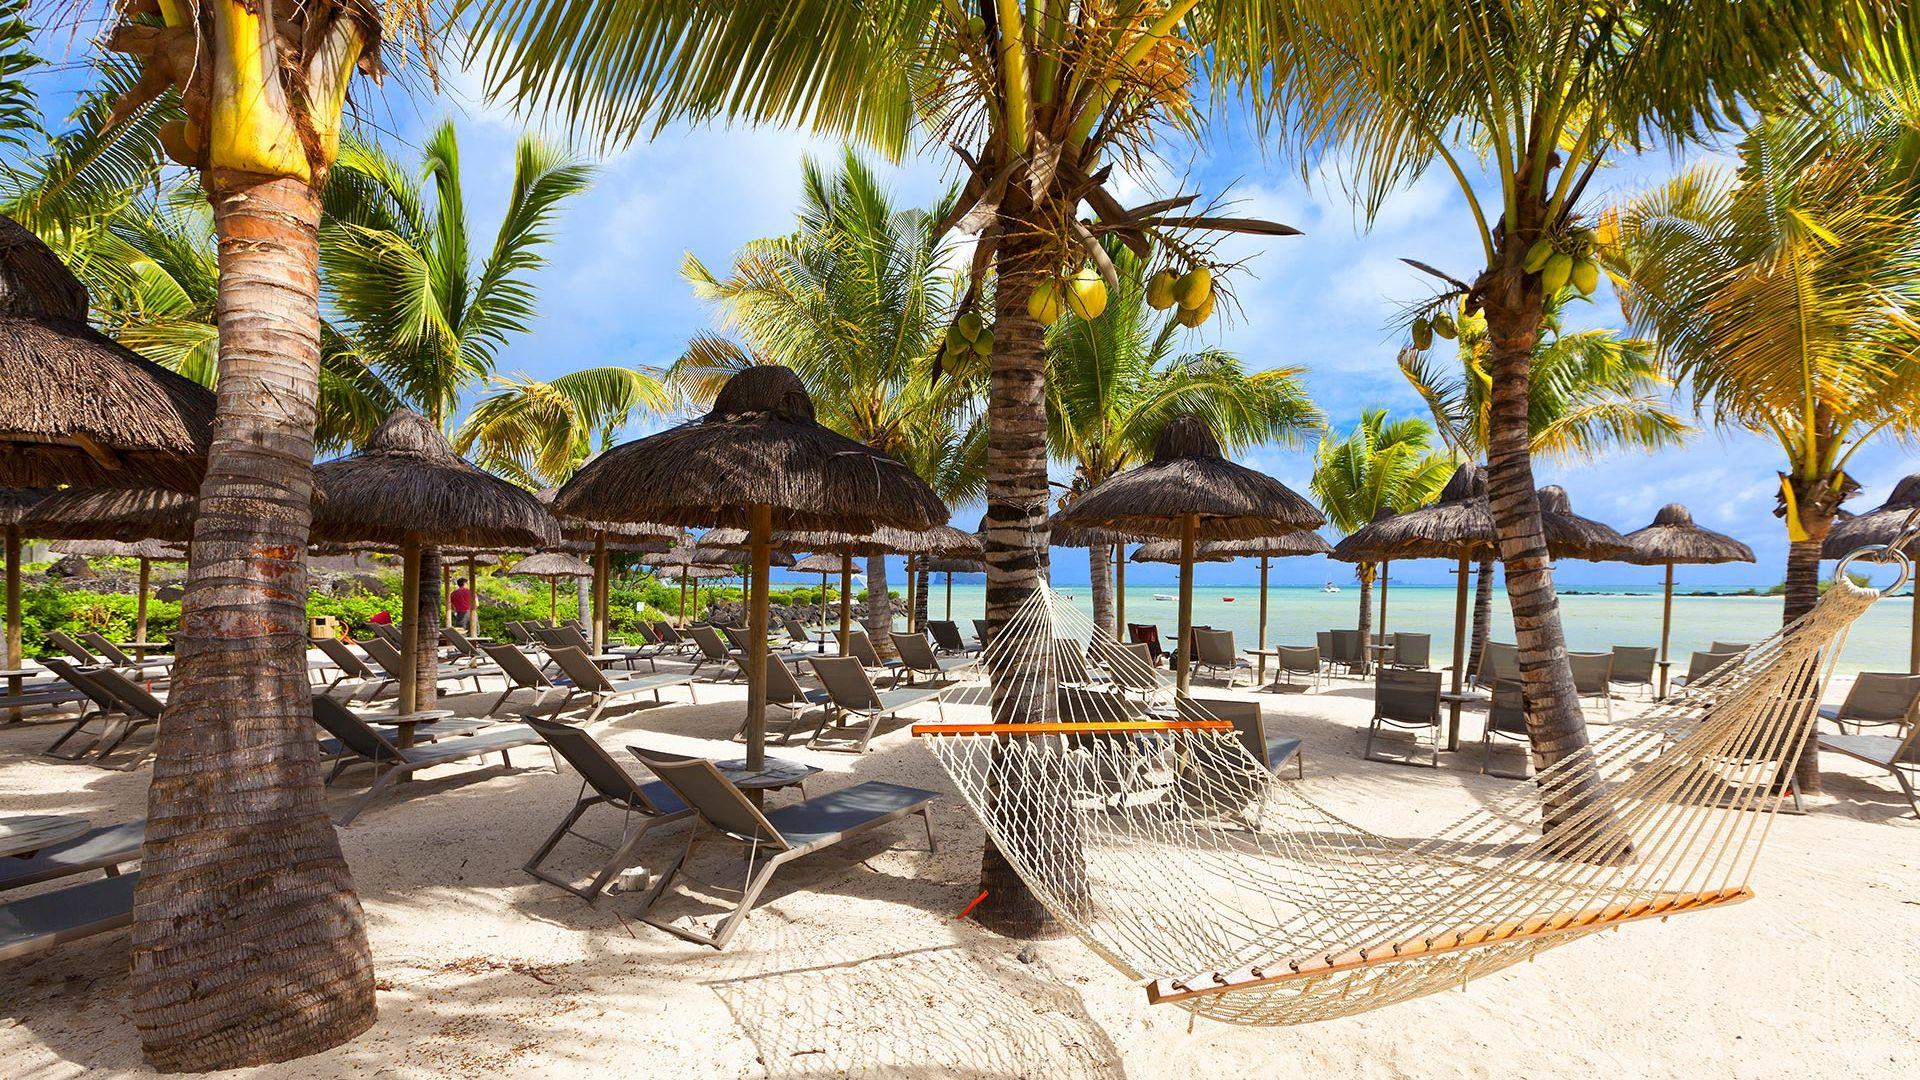 Sejur plaja Mauritius, 9 zile – 11 ianuarie 2022